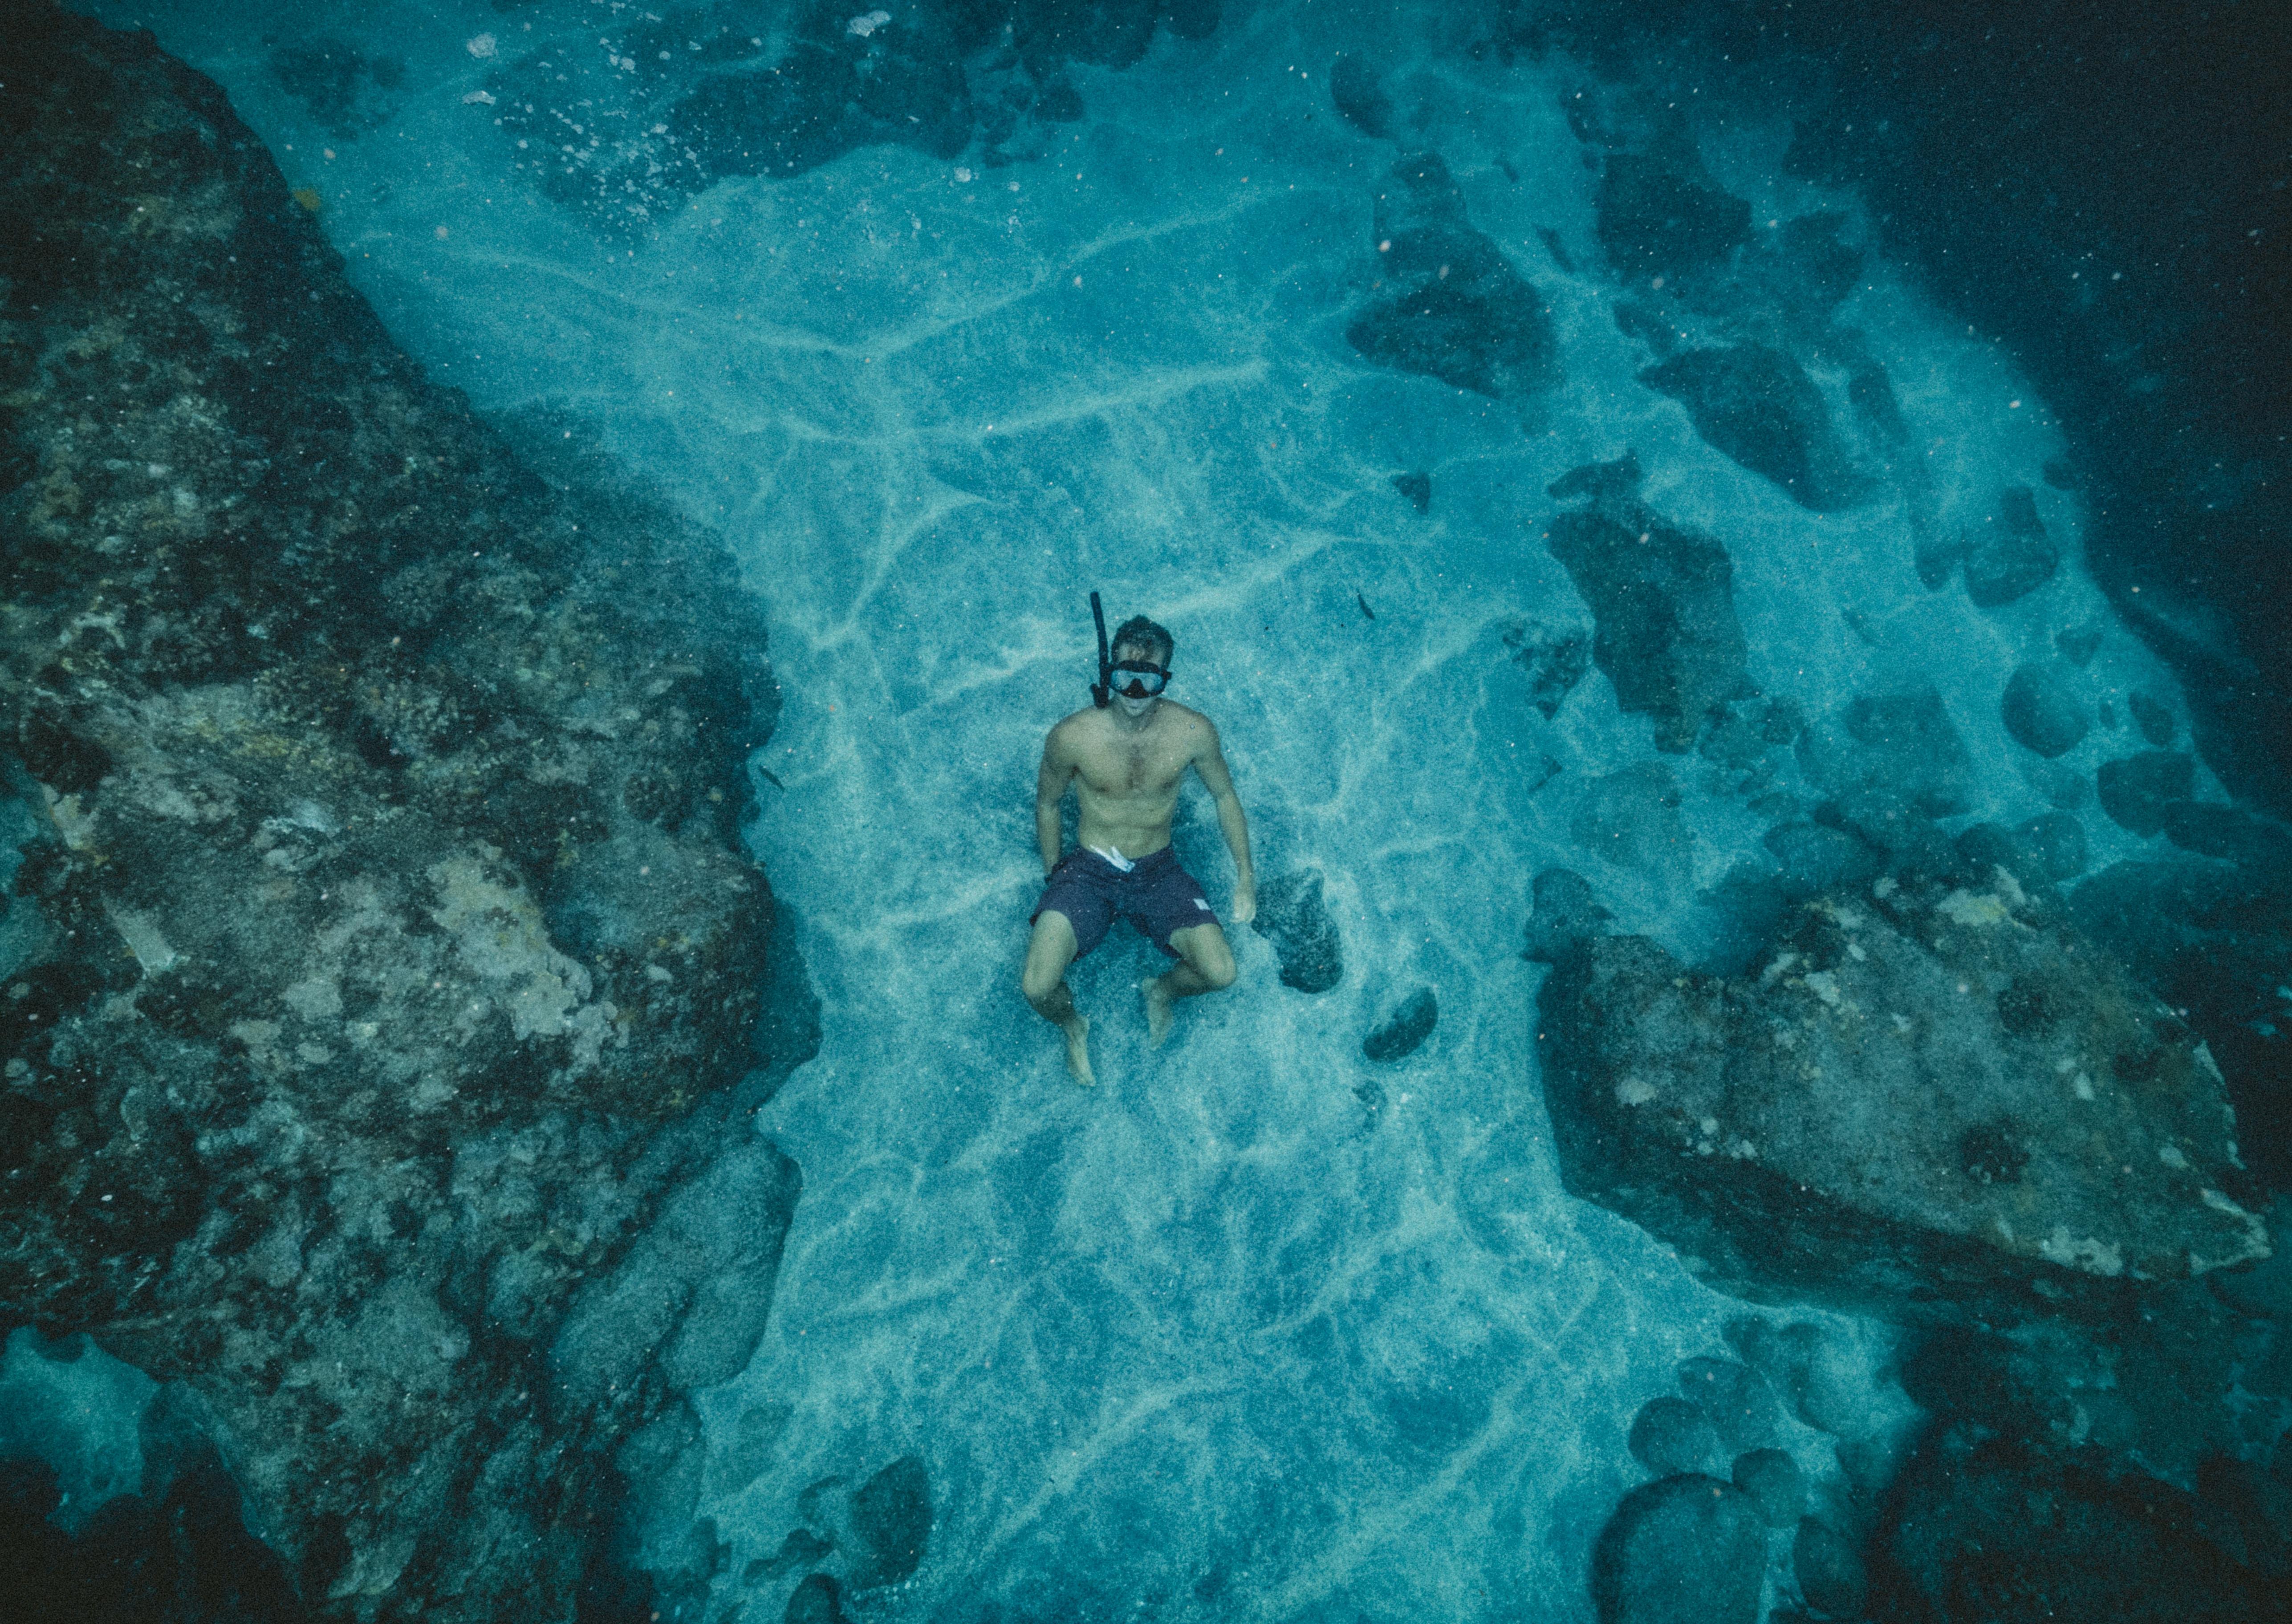 39d16969c more voda oceán tvorenie potápanie podvodná plávanie útes freediving  šnorchlovanie organizmus potápanie morské jaskyne morská biológia